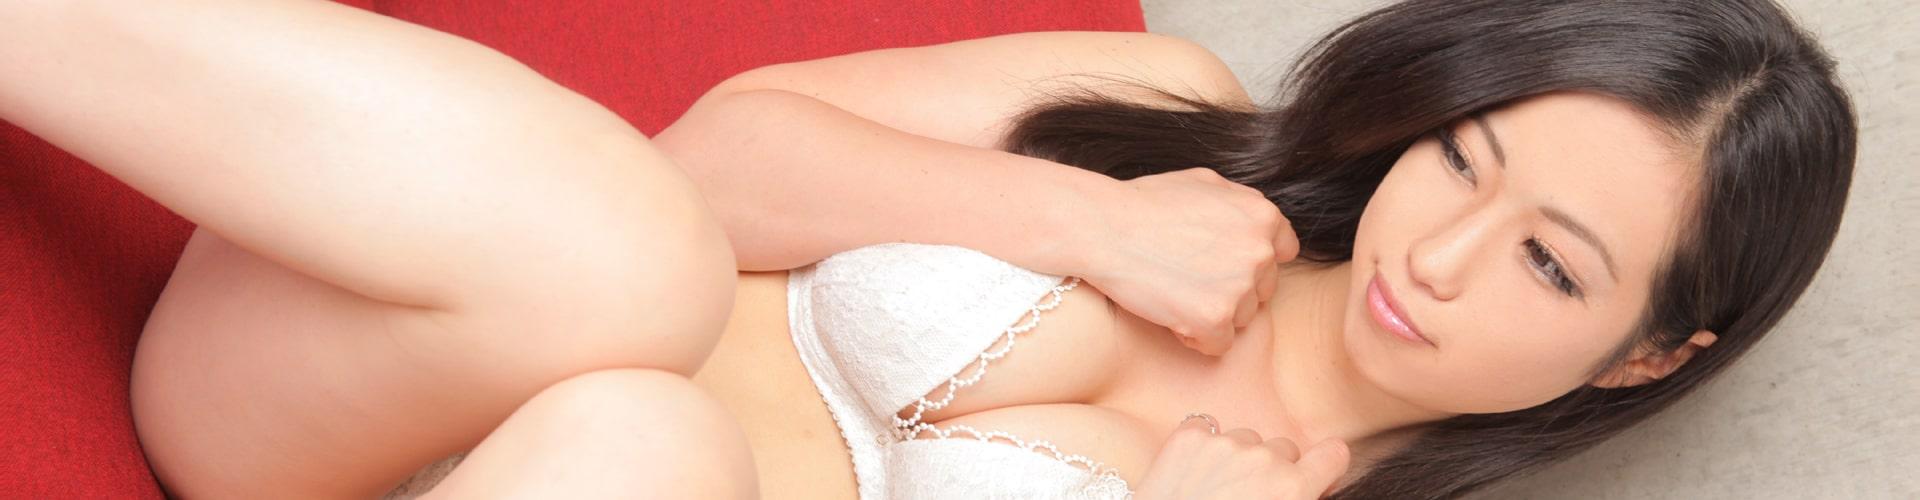 錦糸町デリヘル風俗|錦糸町 小岩 デリバリーヘルス【キャンパスサミット錦糸町店】モデル写真